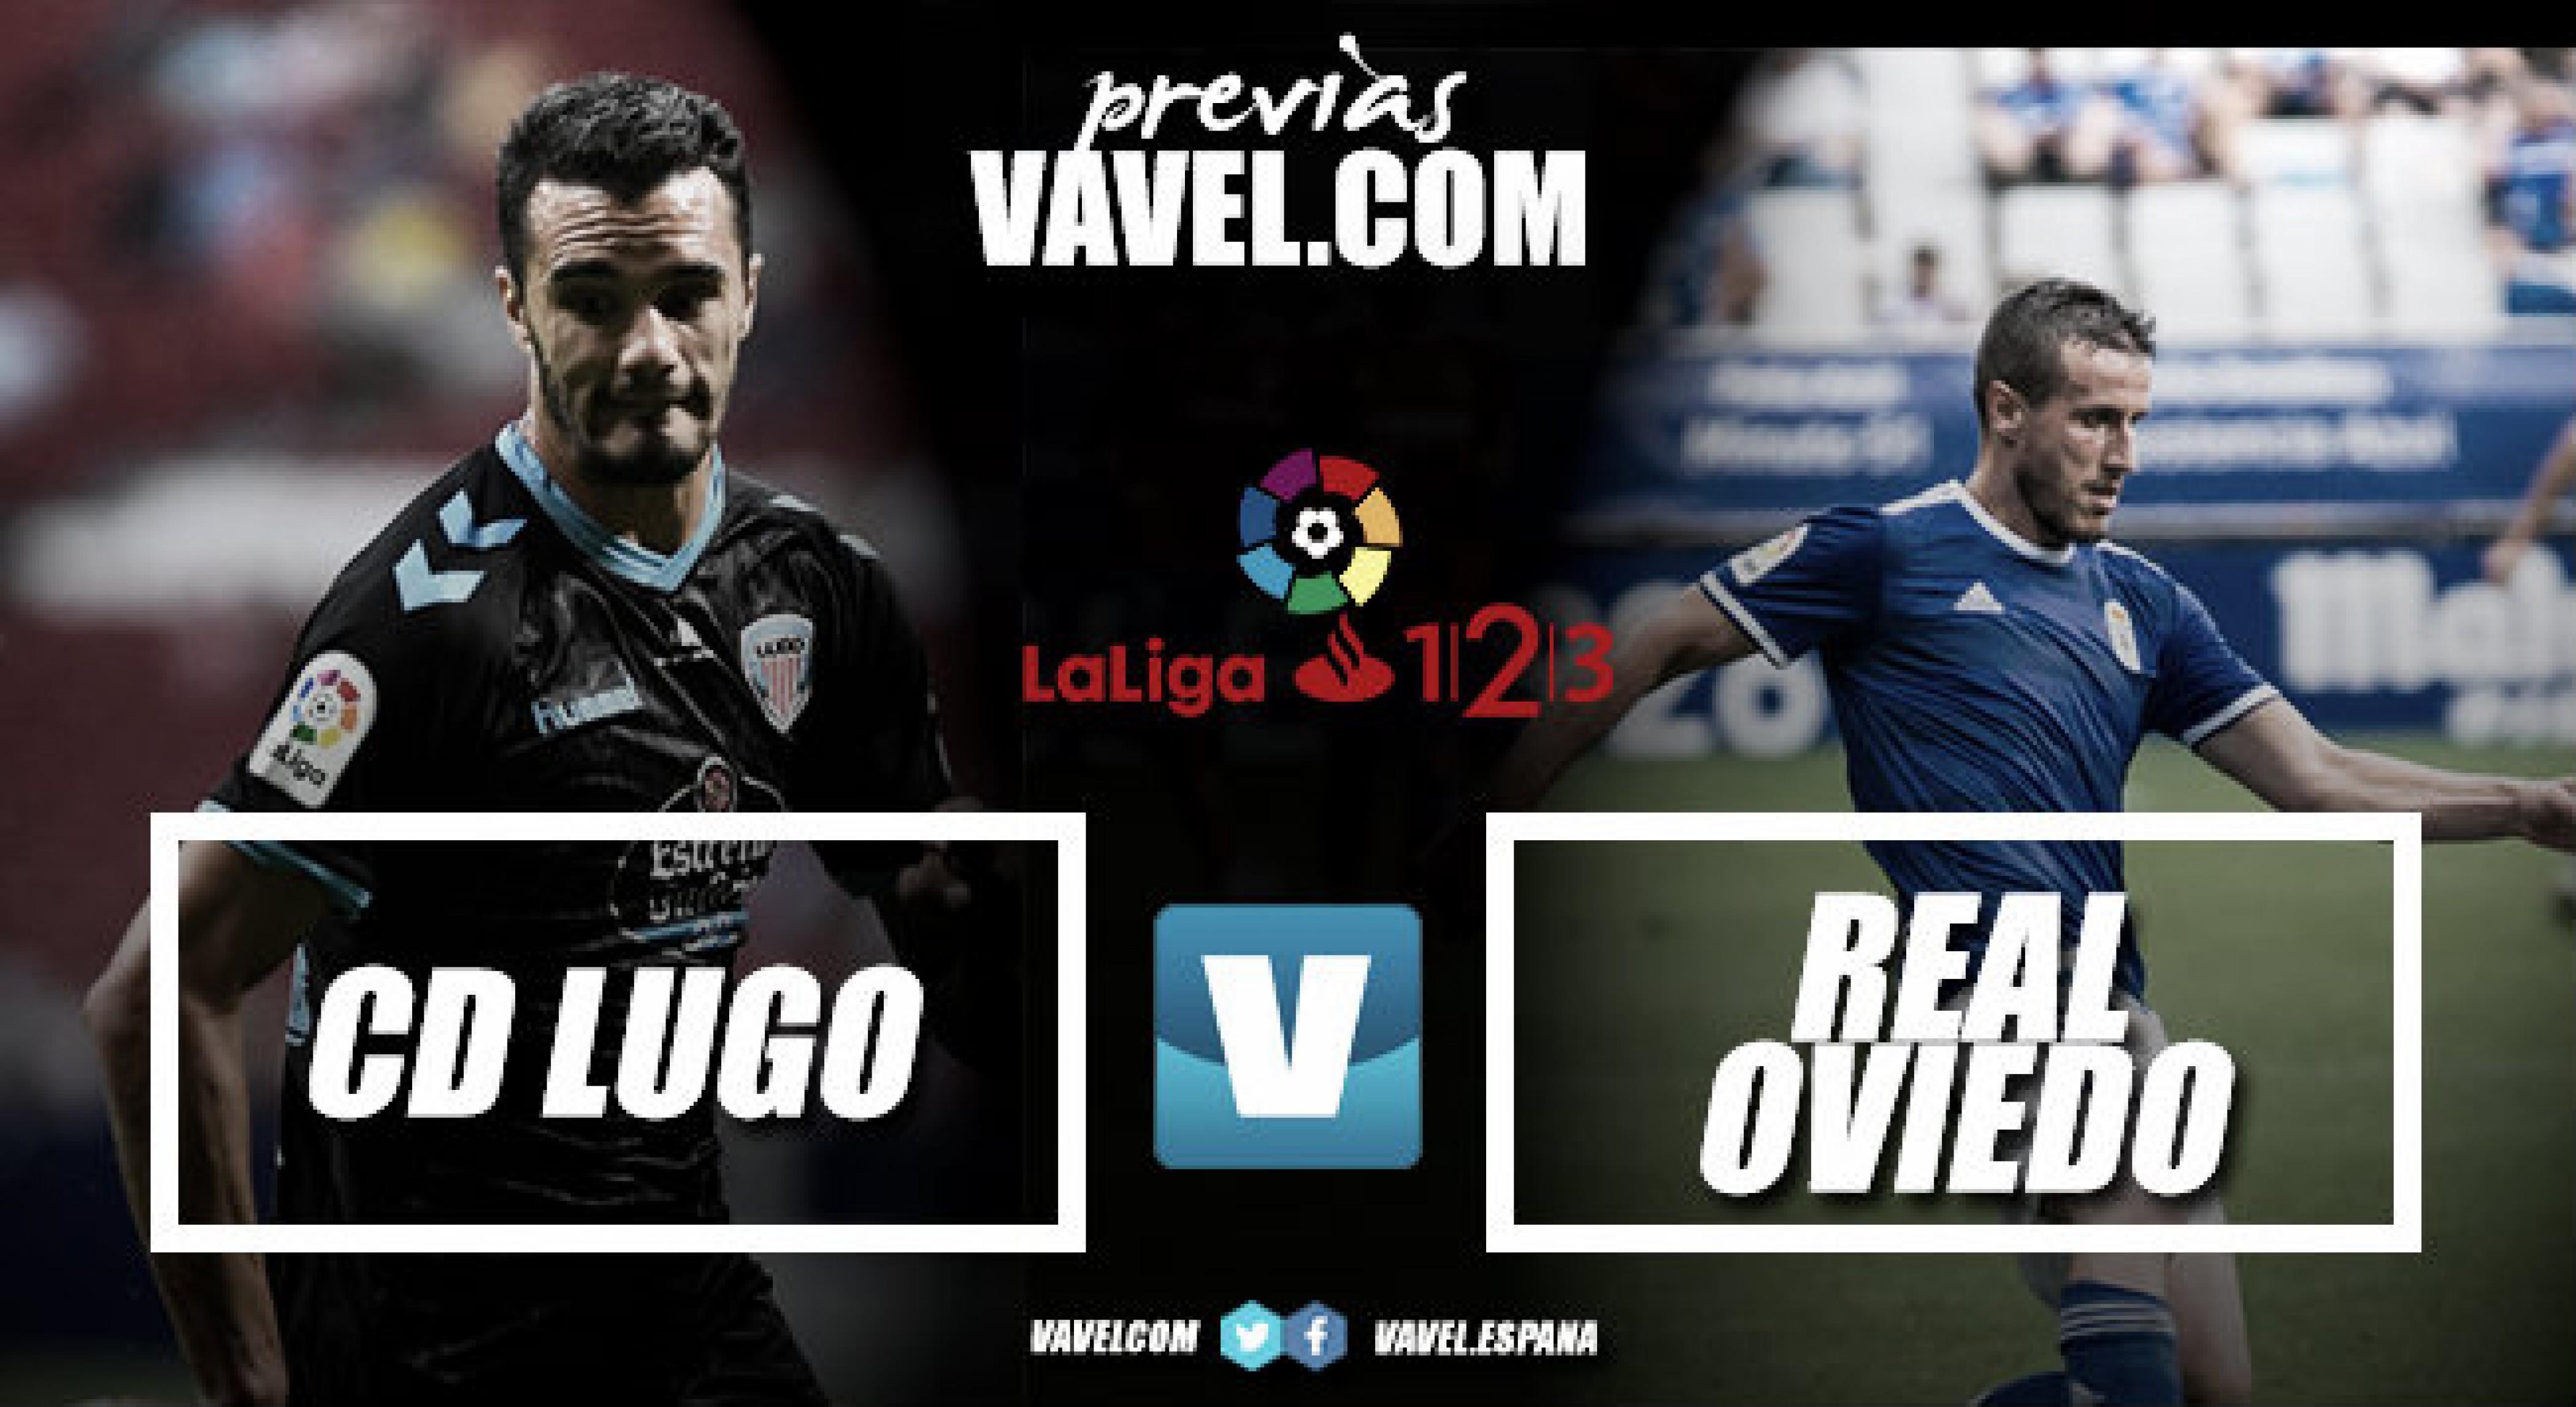 Previa del C. D. Lugo - Real Oviedo: duelo por volver a lo más alto